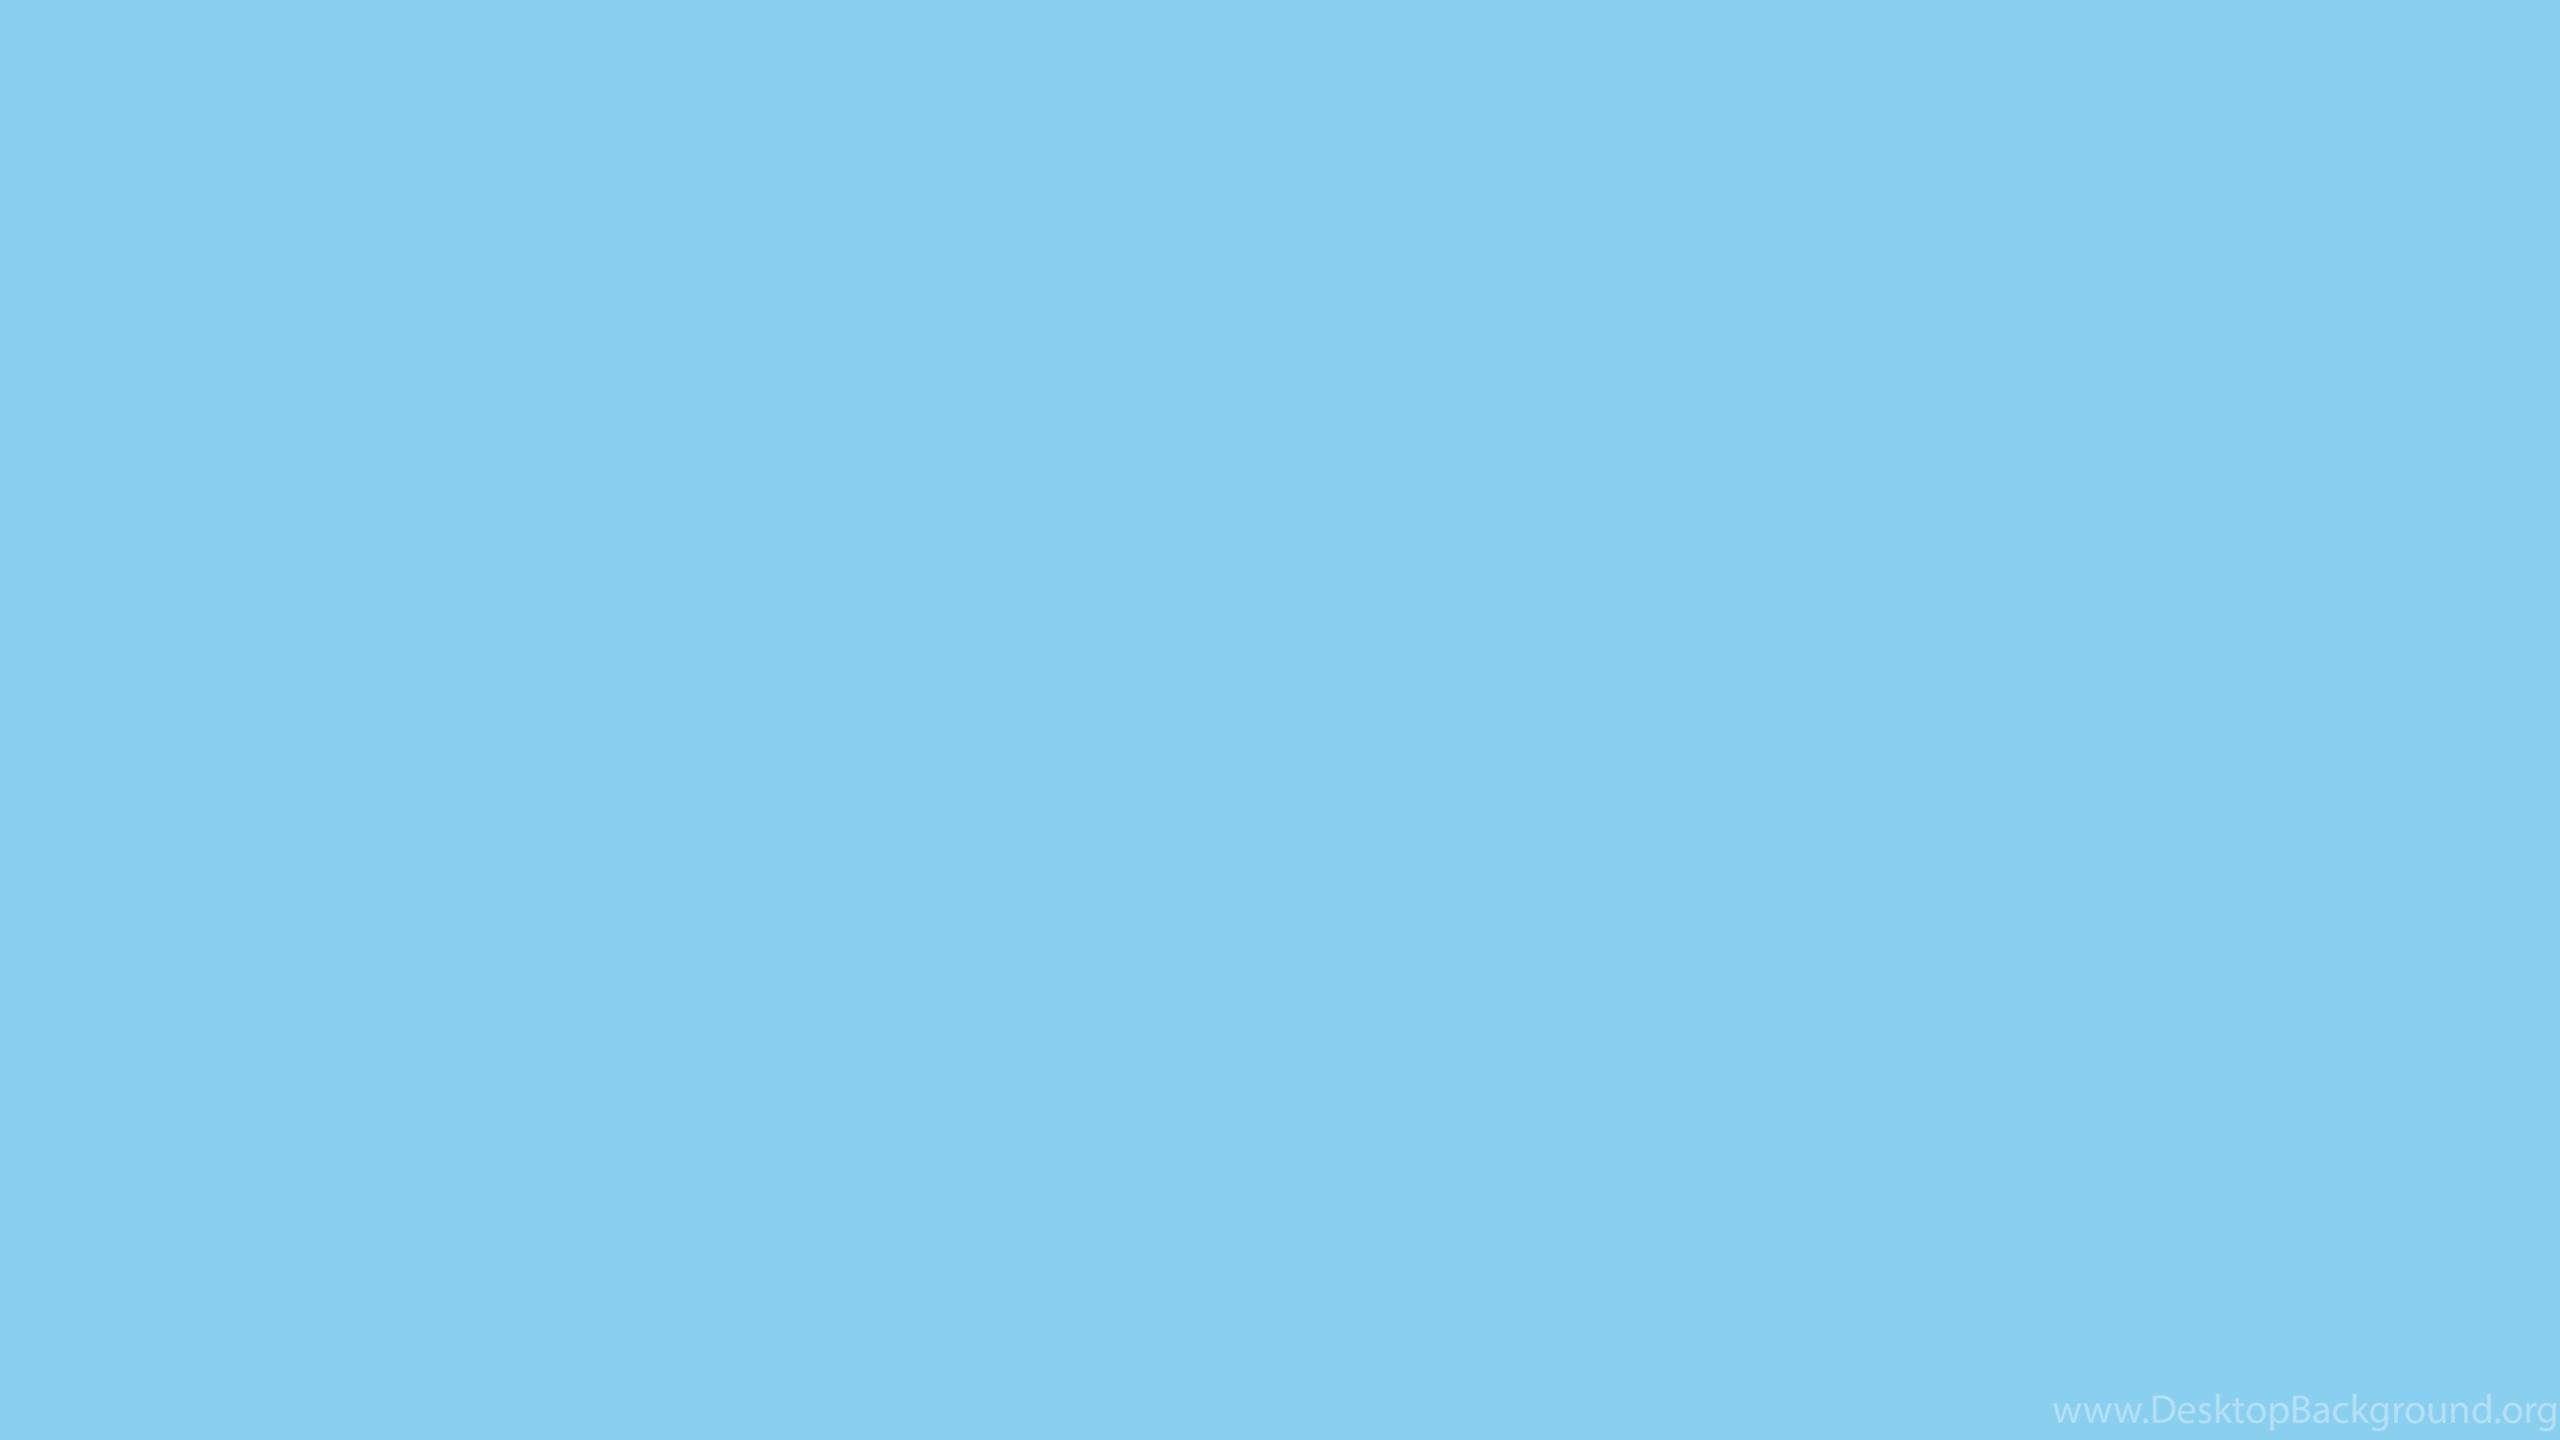 2560x1440 Baby Blue Solid Color Background Desktop